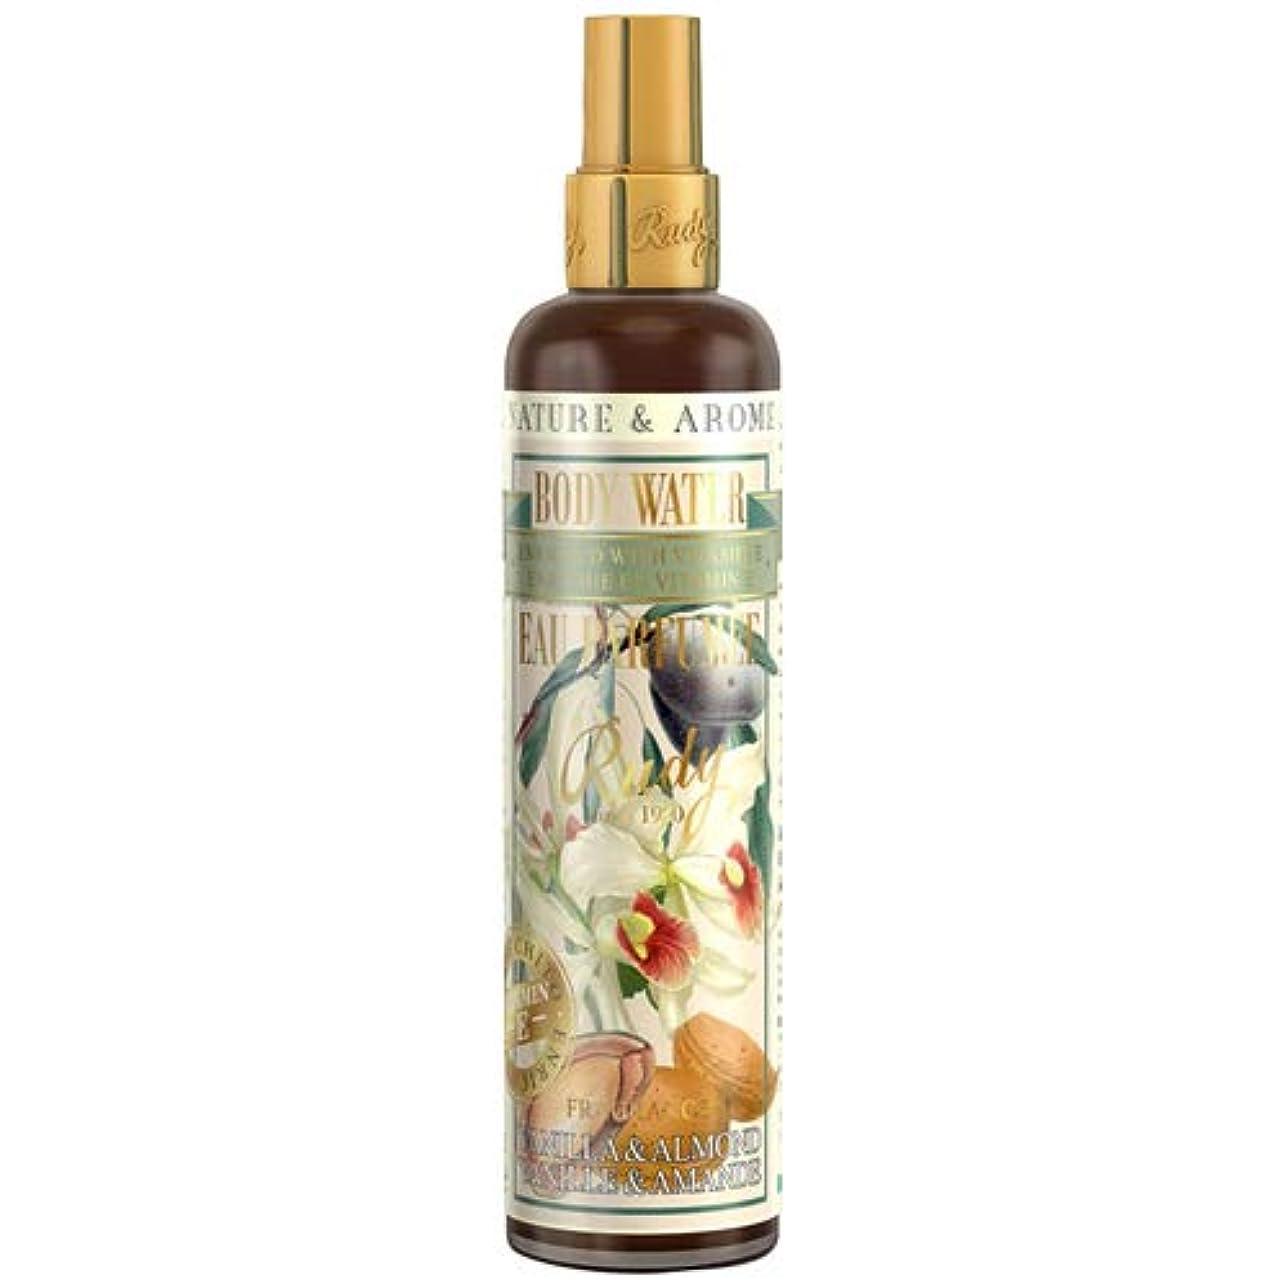 証言グッゲンハイム美術館彼のルディ(Rudy) RUDY Nature&Arome Apothecary ネイチャーアロマ アポセカリー Body Water ボディウォーター(ボディミスト) Vanilla & Almond バニラ&アーモンド